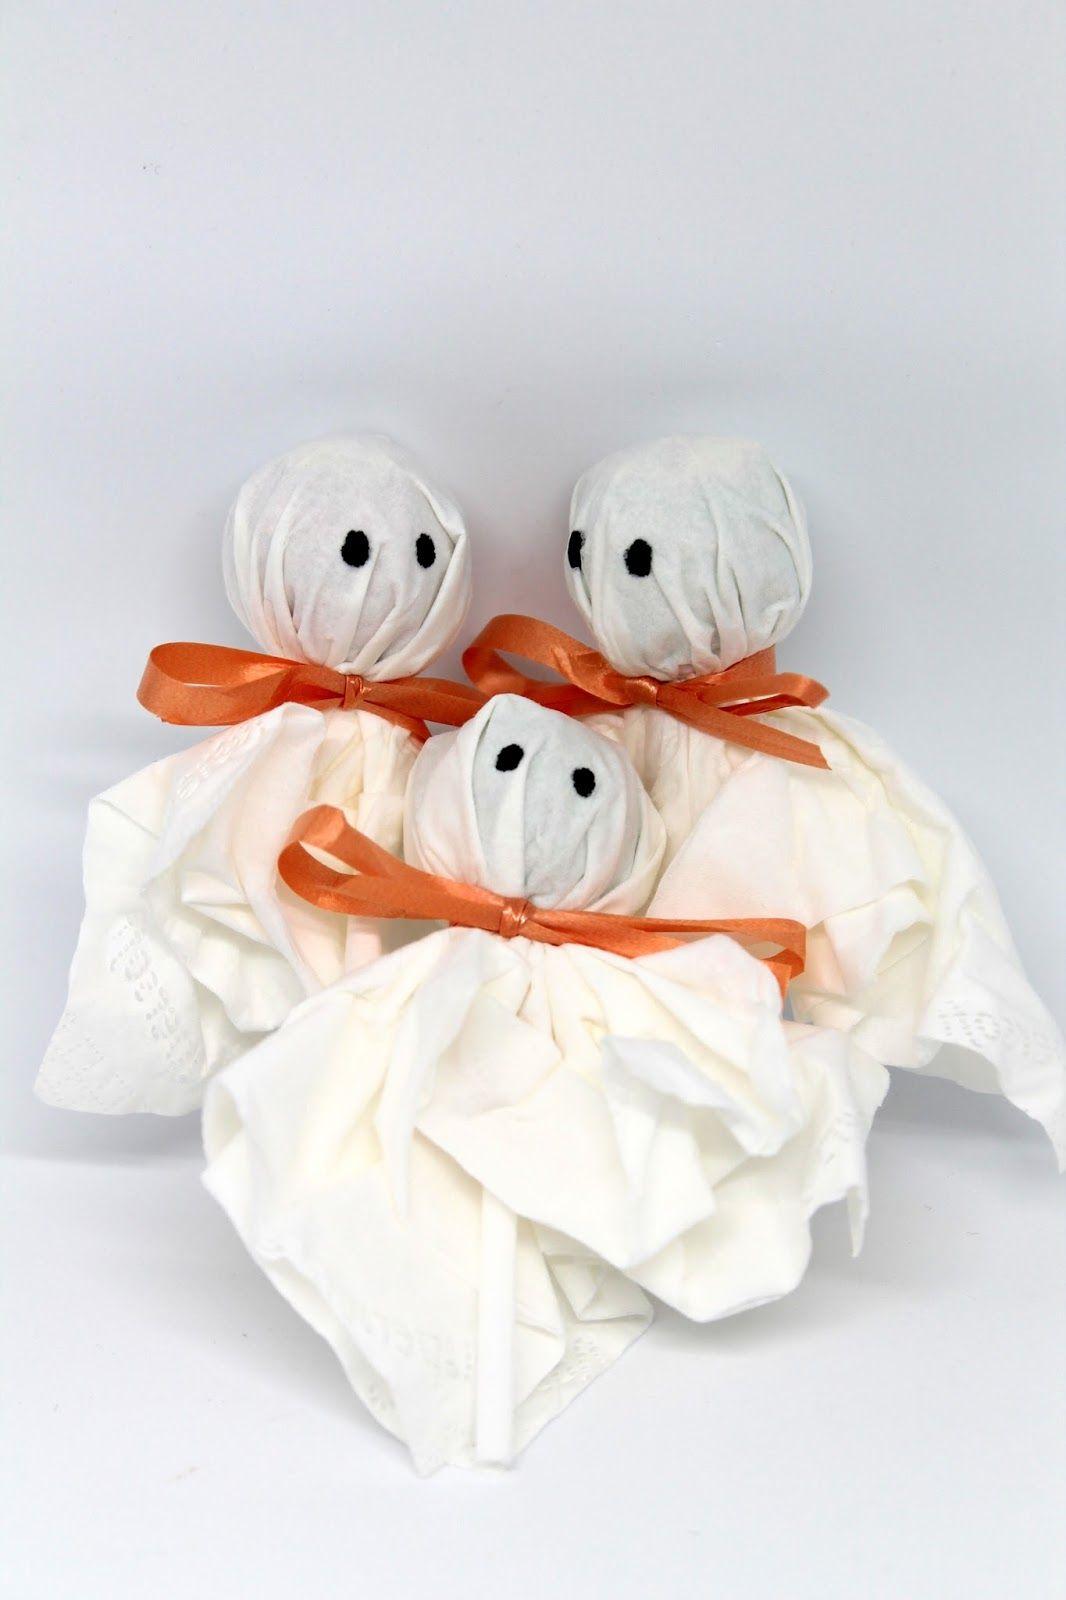 DIY Lolly Geister - ♡ Süßes sonst gibt es saures! Mit dieser ...